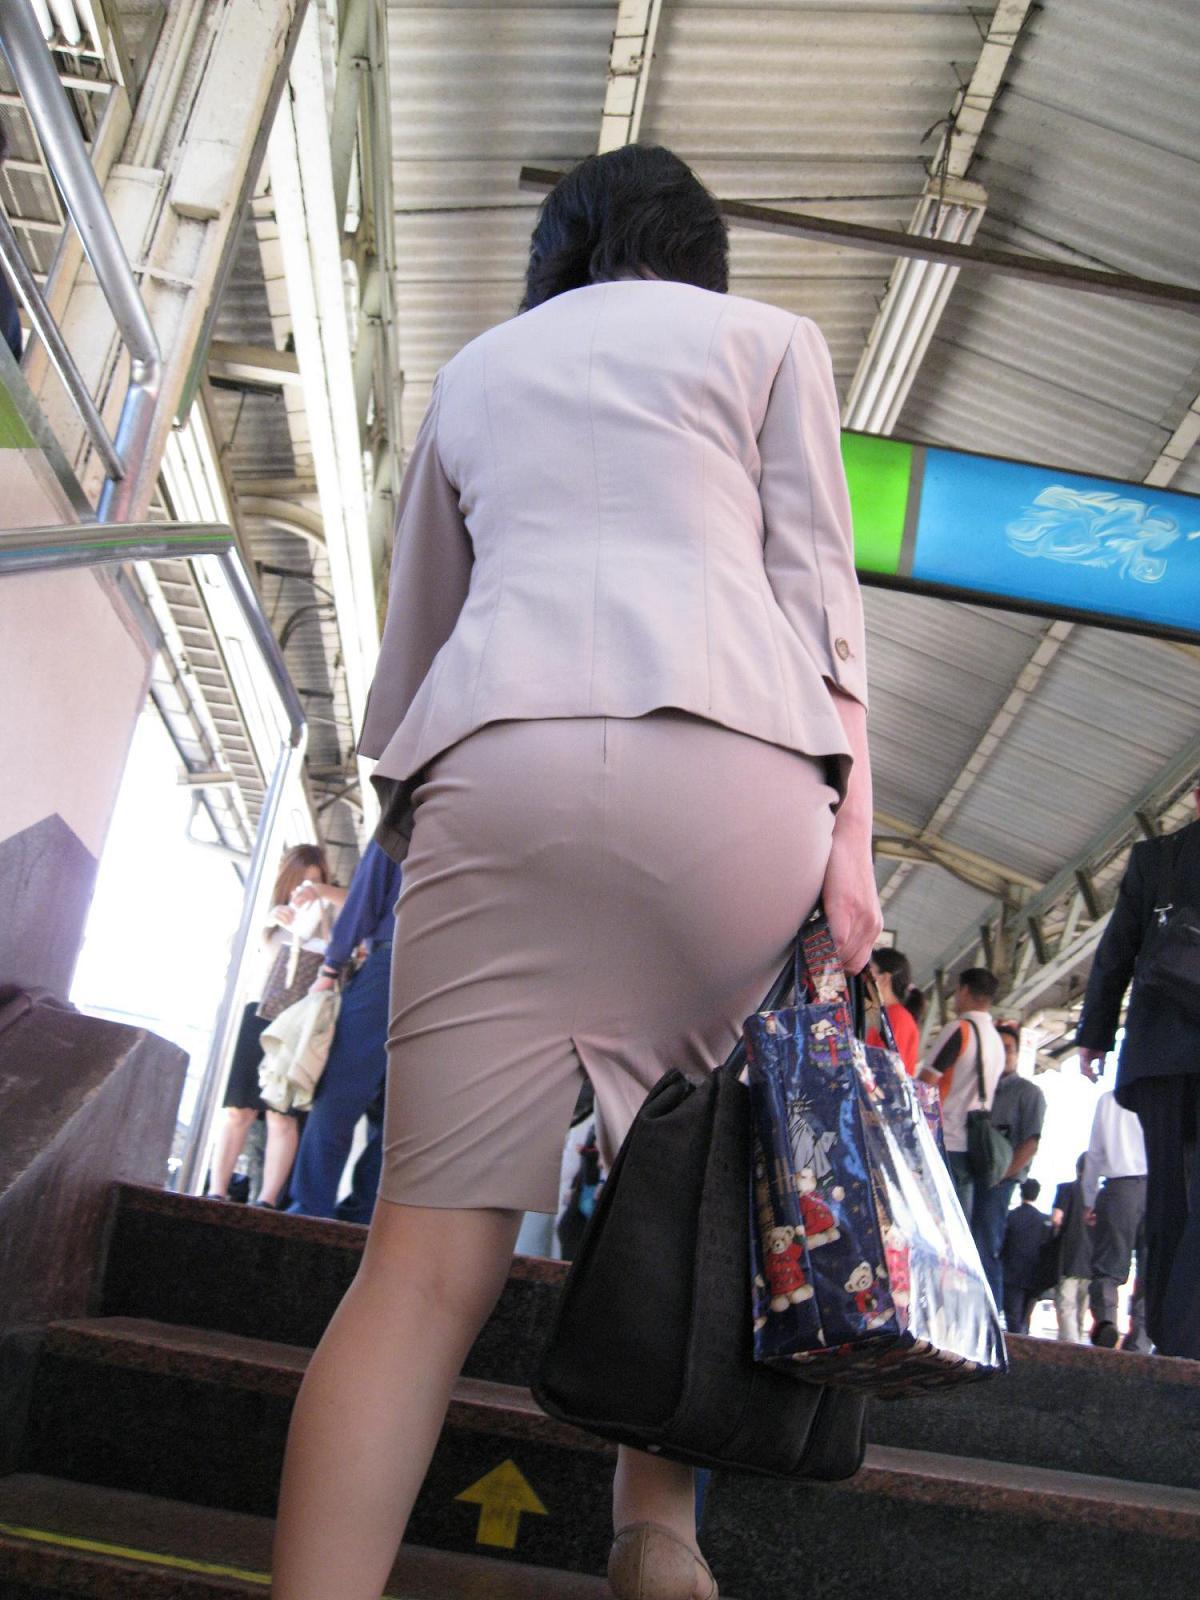 【街撮り画像】OL風お姉さんのムチムチタイトスカートとパンティーラインを追跡! 19